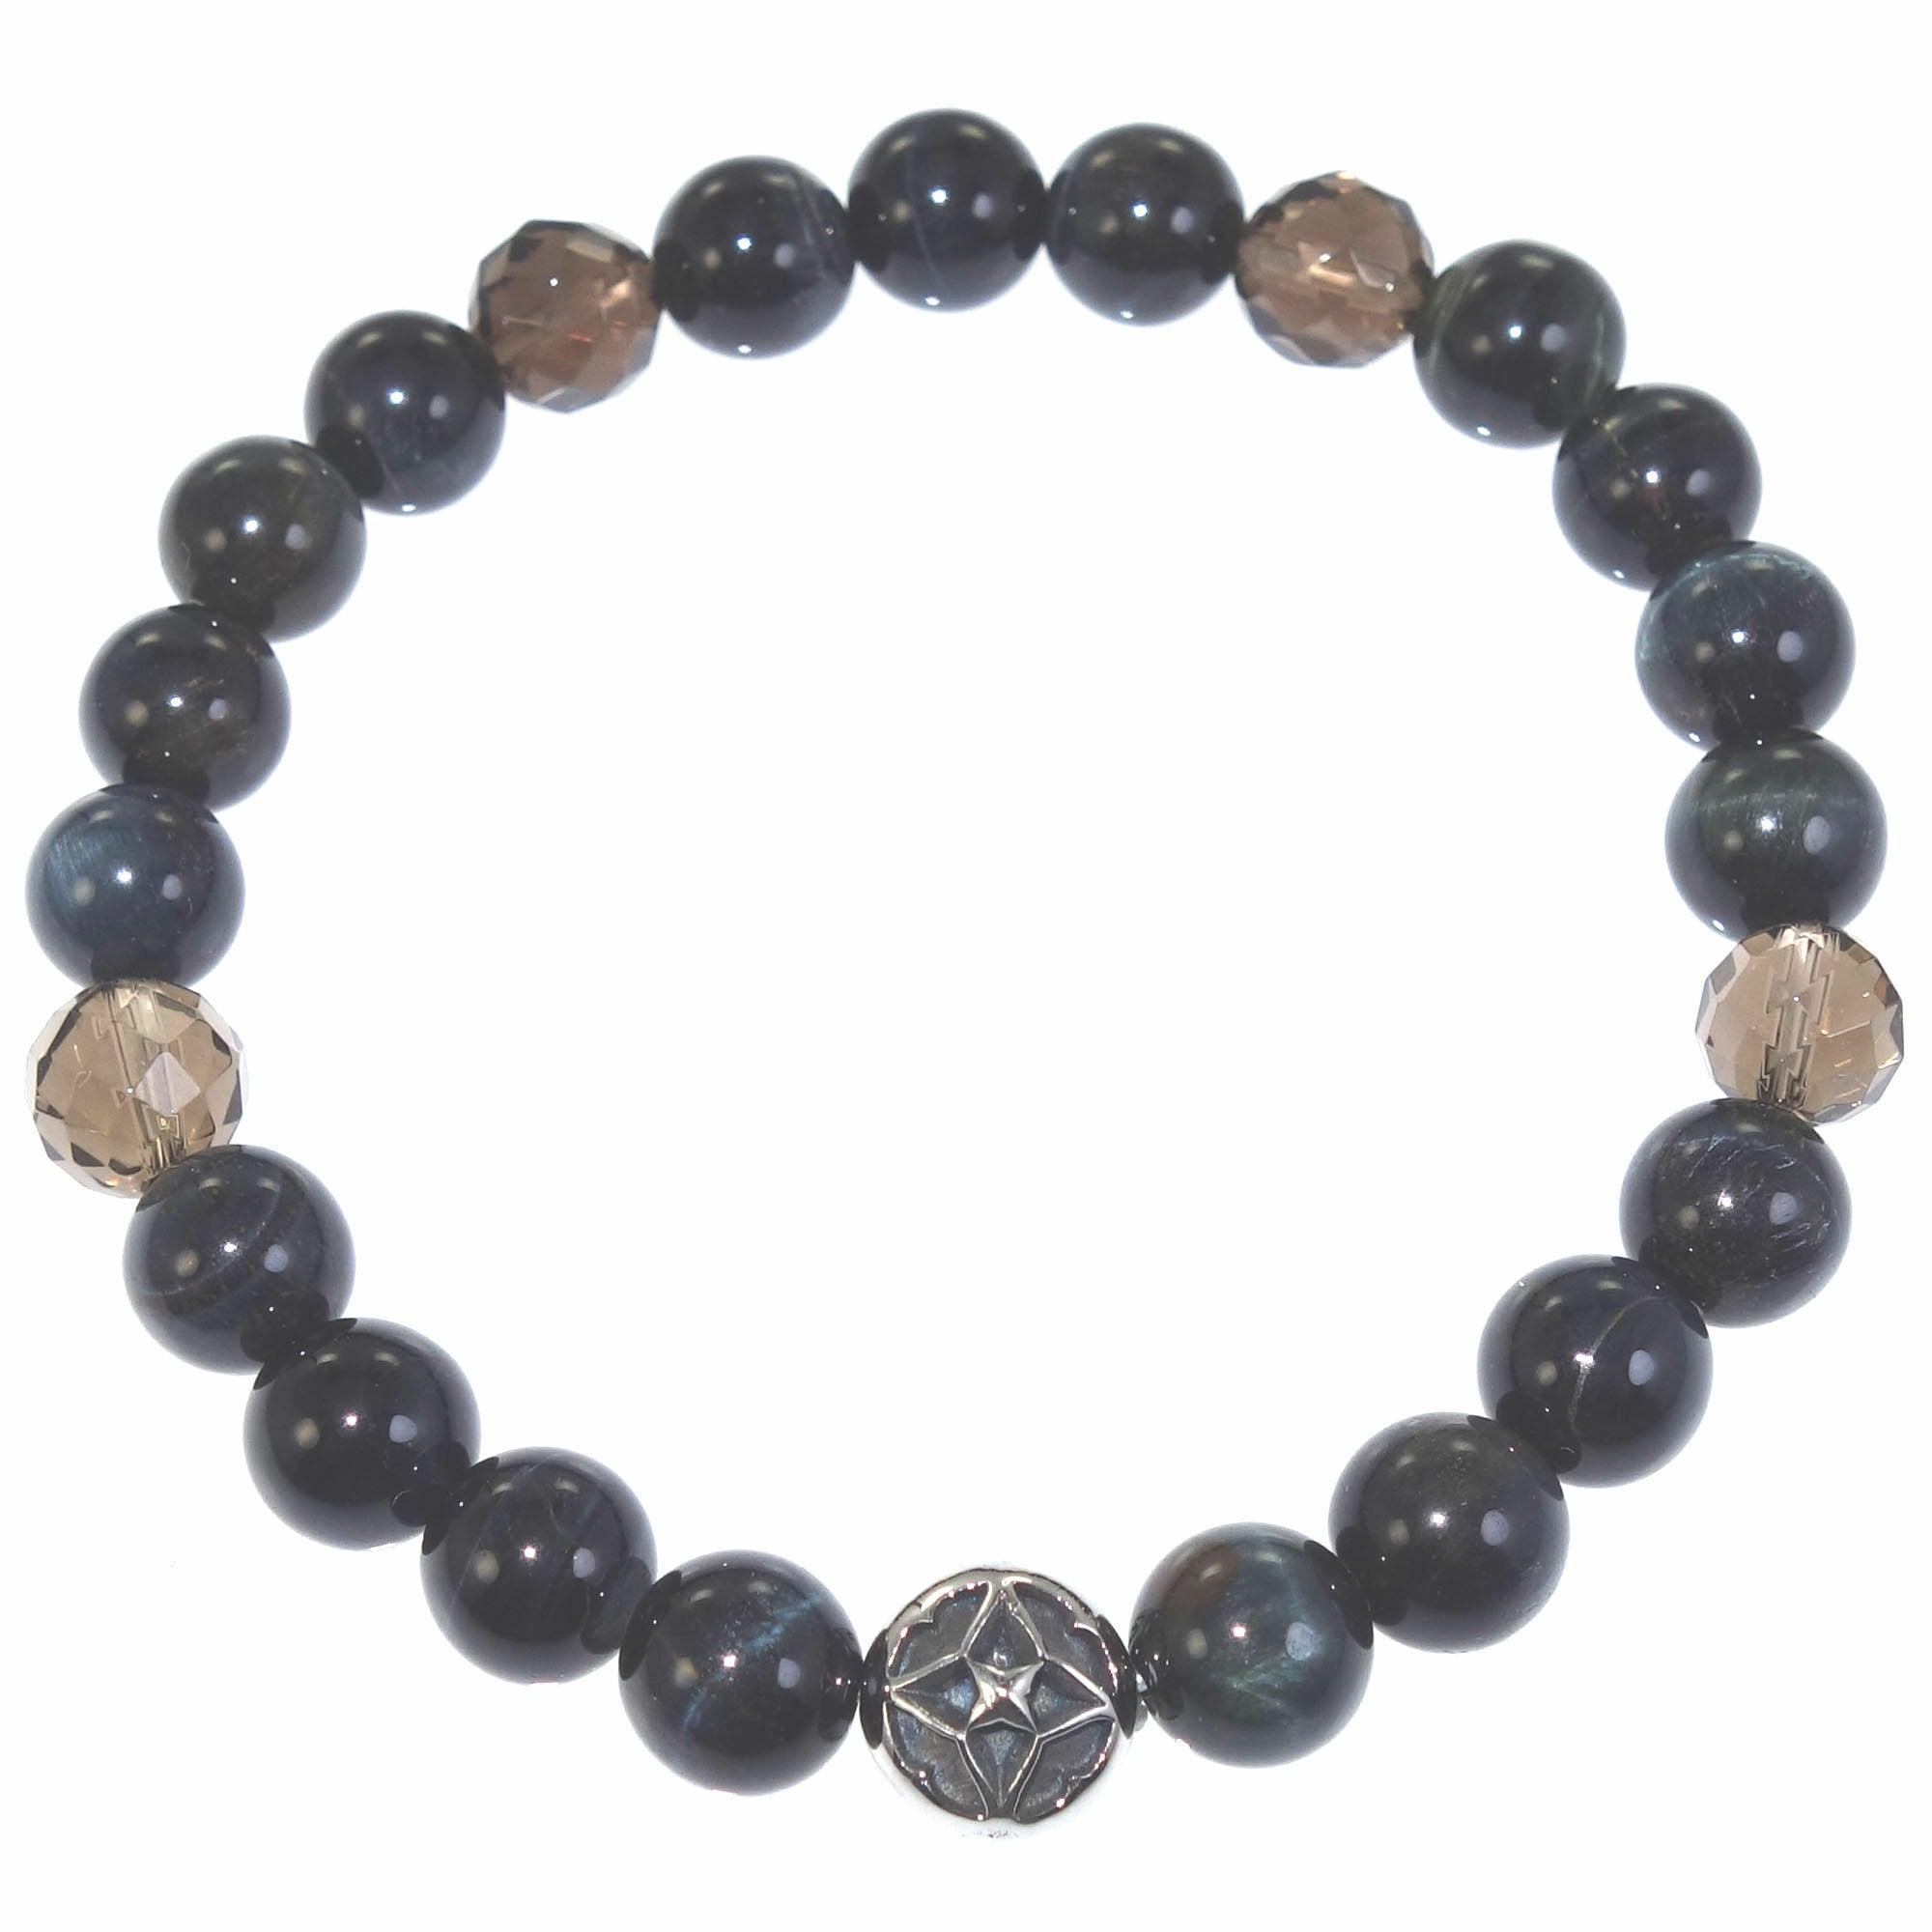 トレサリーブルータイガーアイ数珠ブレス ACB0100 Treasury Blue Tiger Eye Bead Bracelet